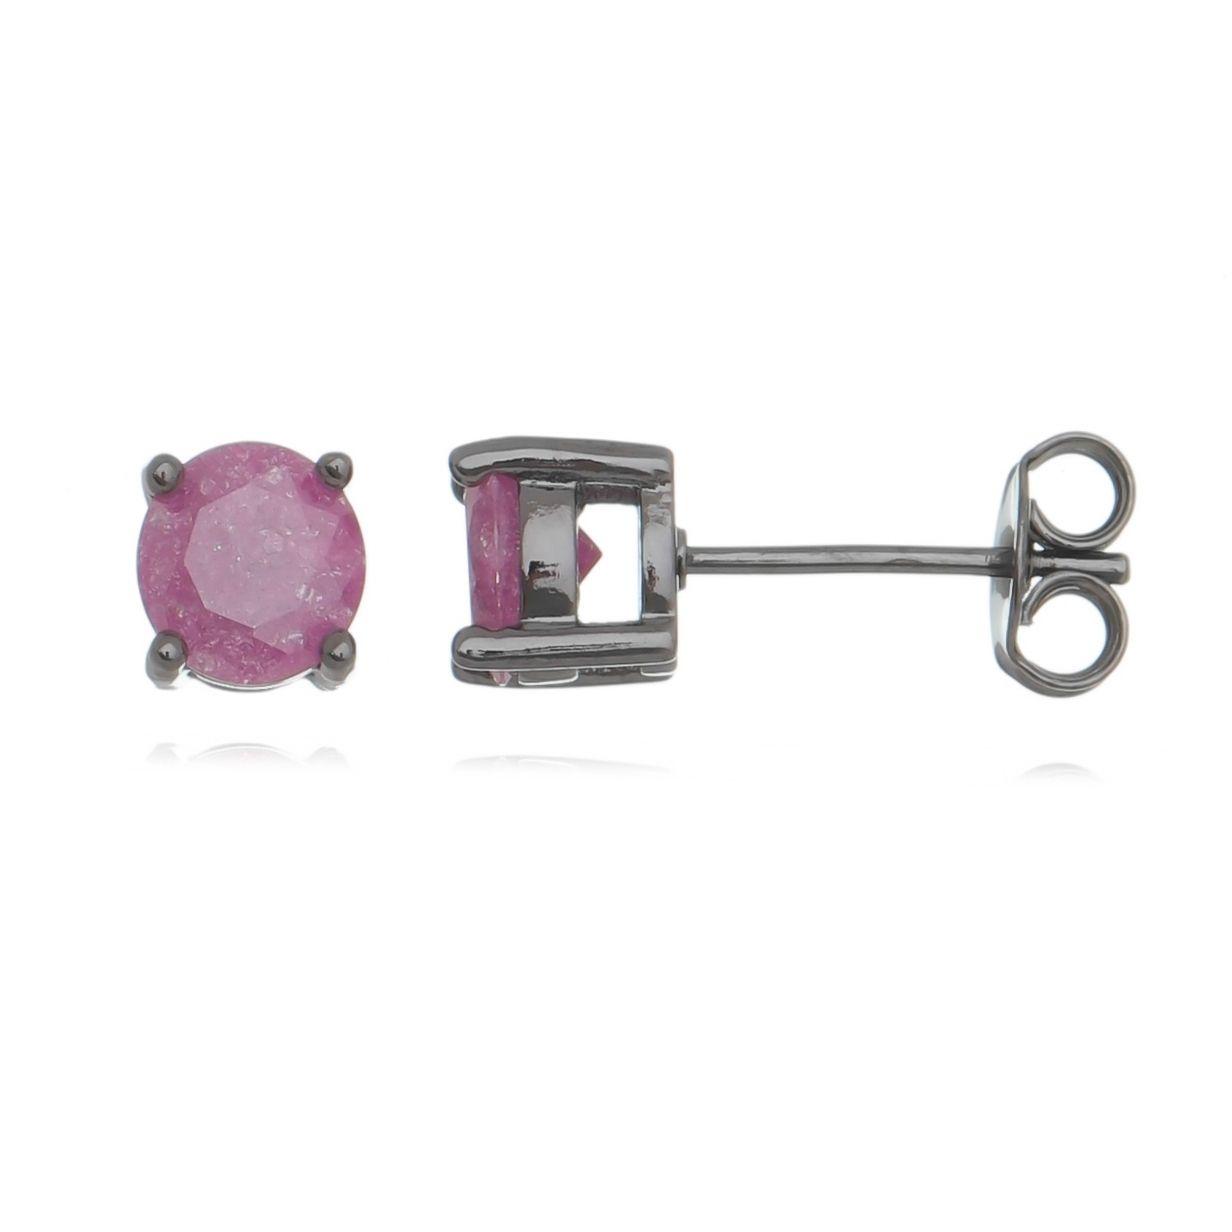 Brinco Ponto de Luz Rosa Pink Fusion Semijoia Delicada Ródio Negro  - Soloyou